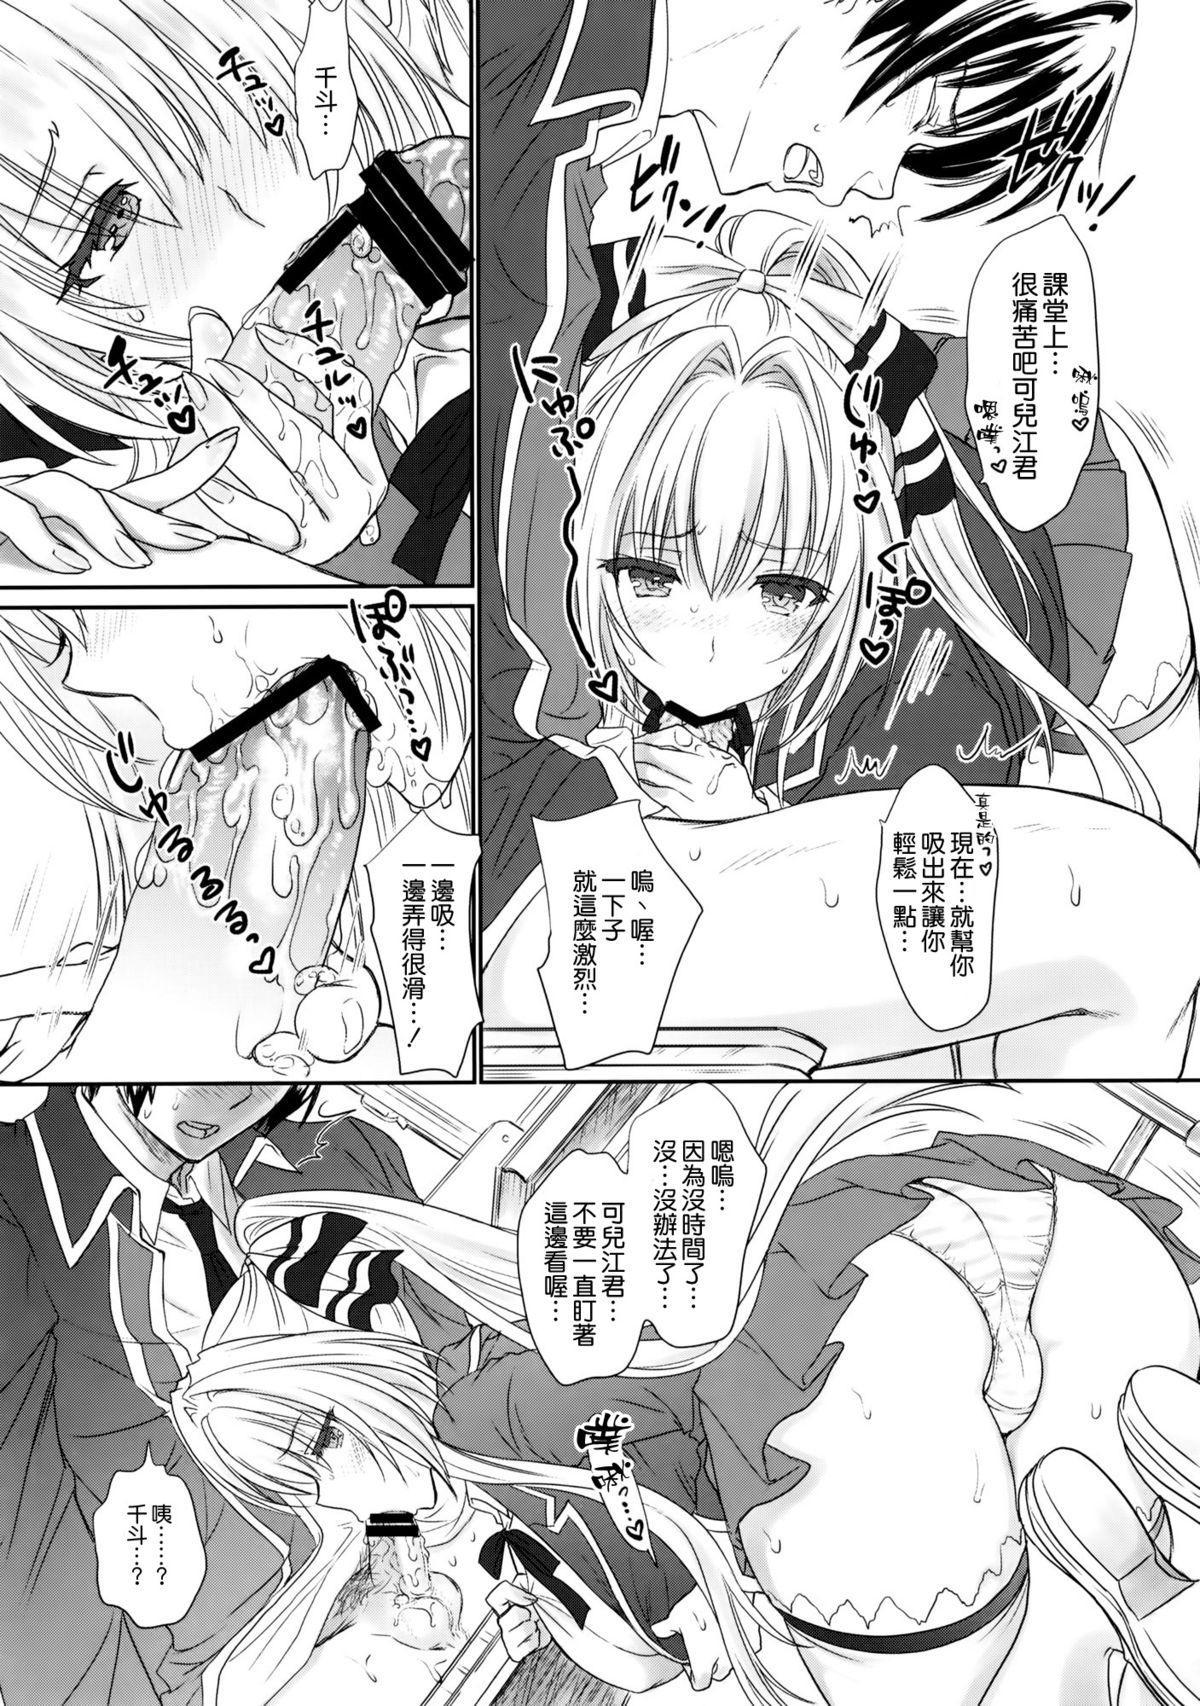 Amakute Cool de Brilliant! 8